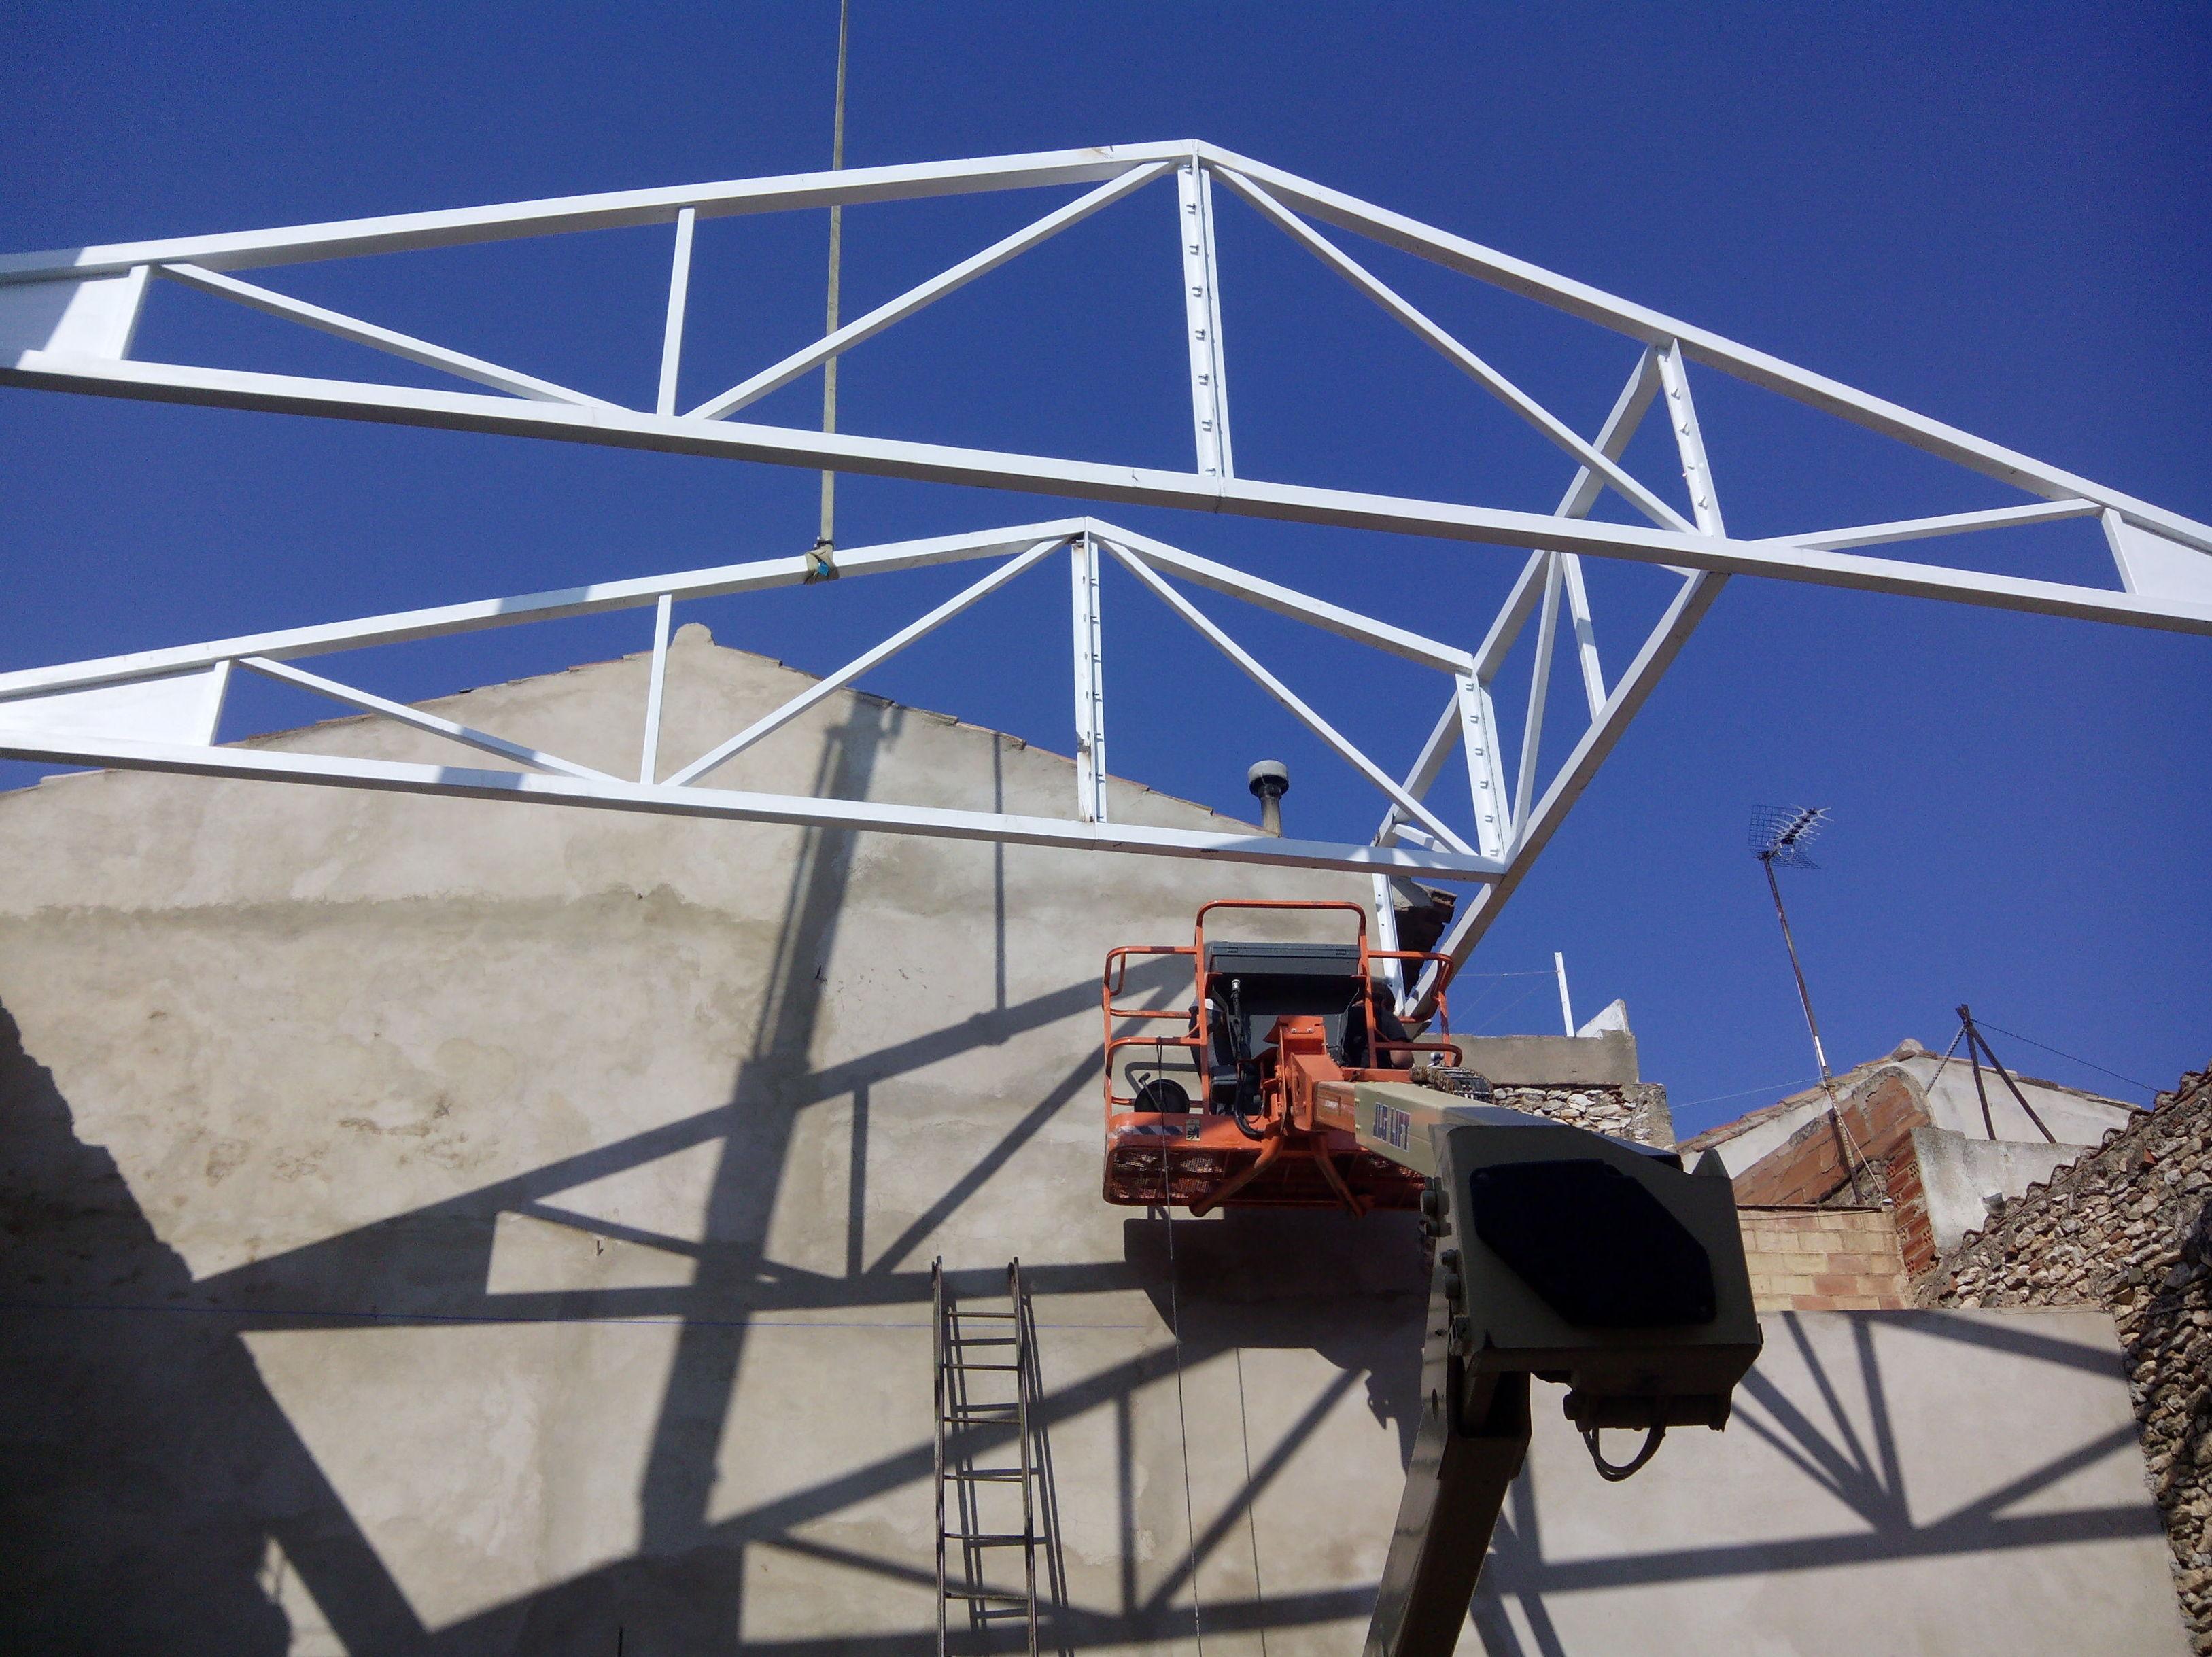 C lculo fabricaci n y montaje de estructura met lica para - Cerchas metalicas para cubiertas ...